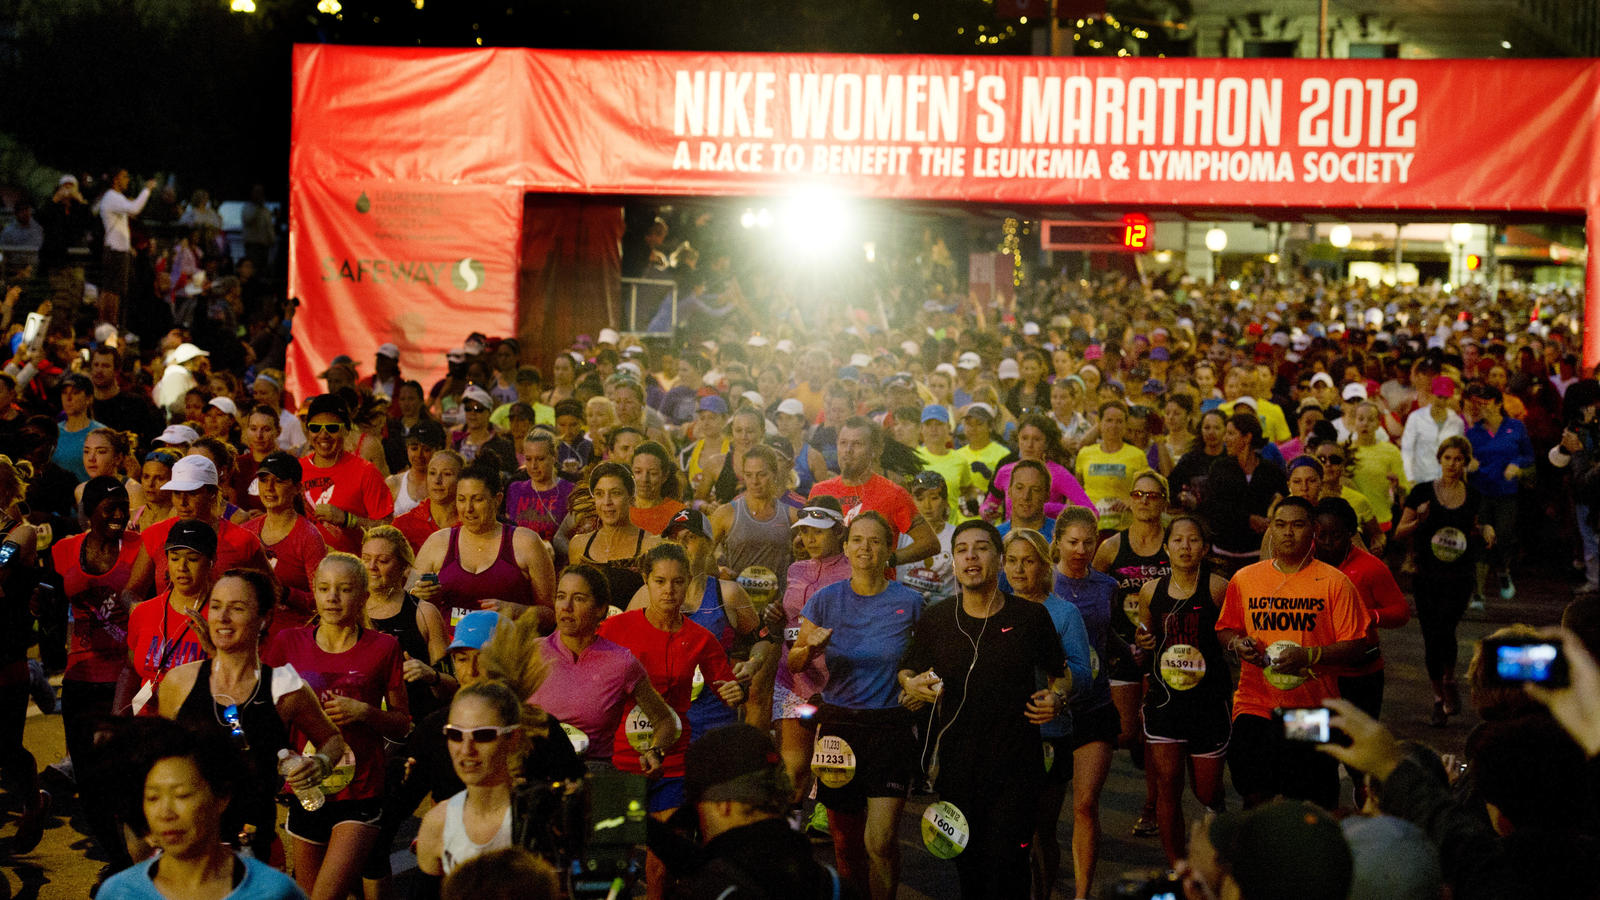 Nike Women's Marathon 2012 Race Start